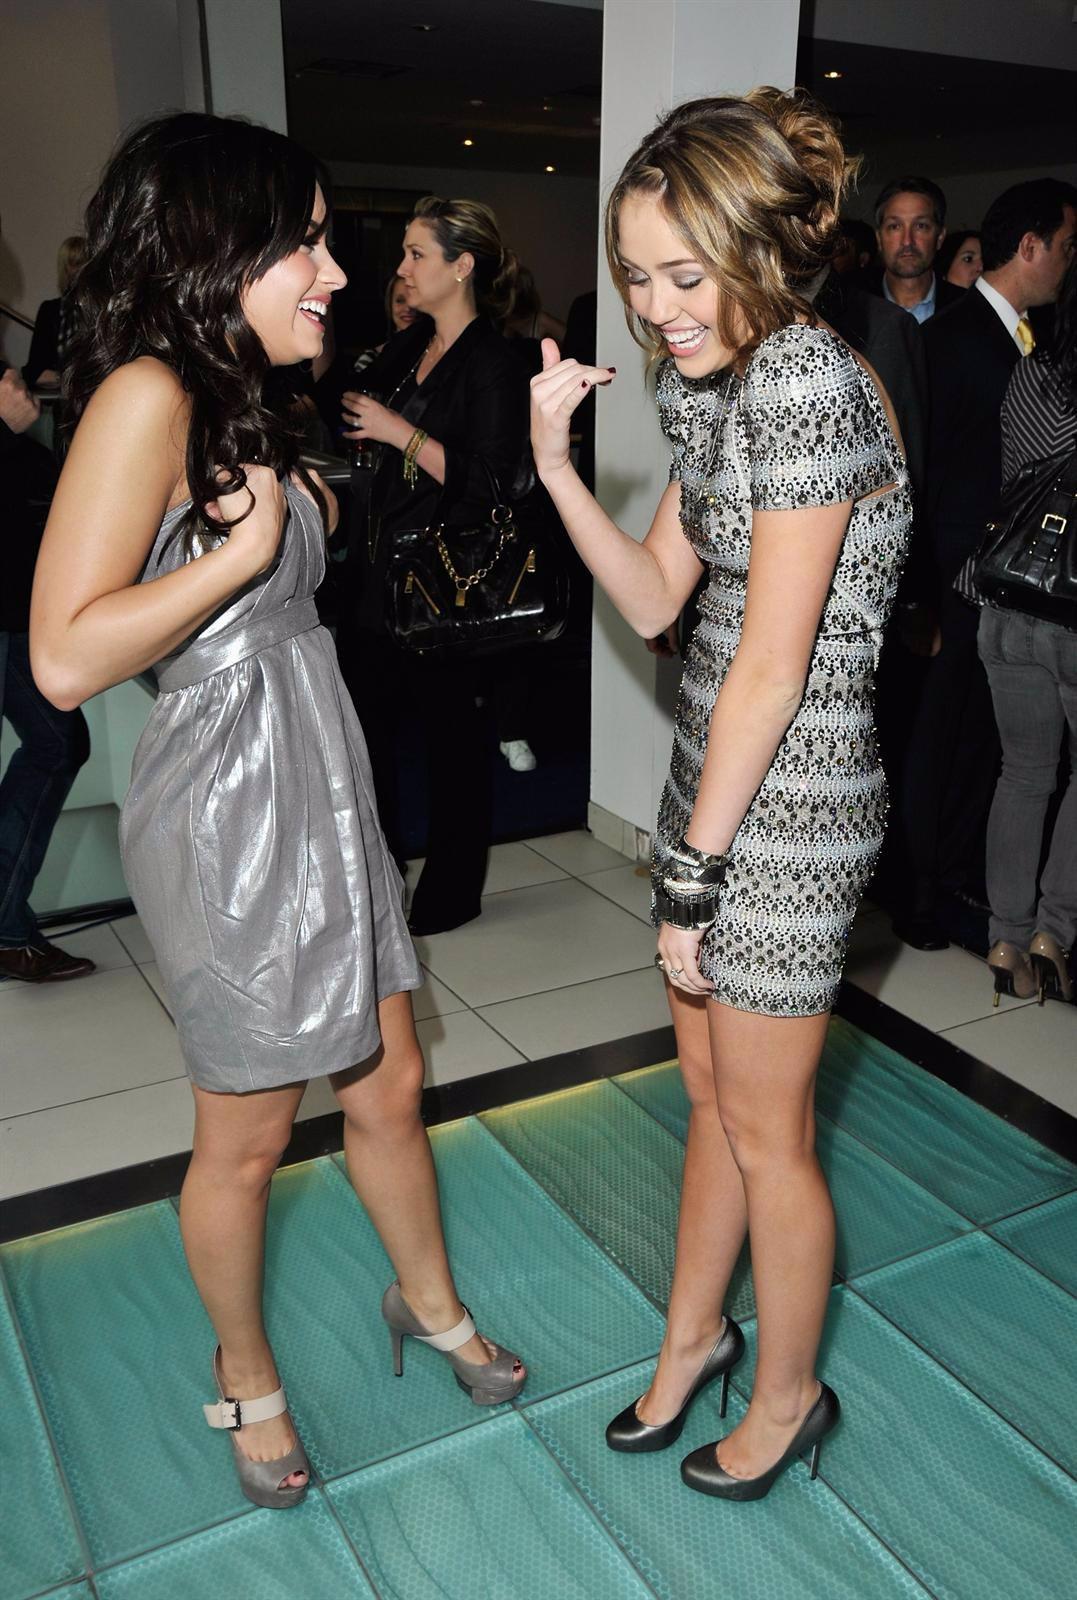 Demi Lovato Y Miley Cyrus En Plena Charla De Amigas